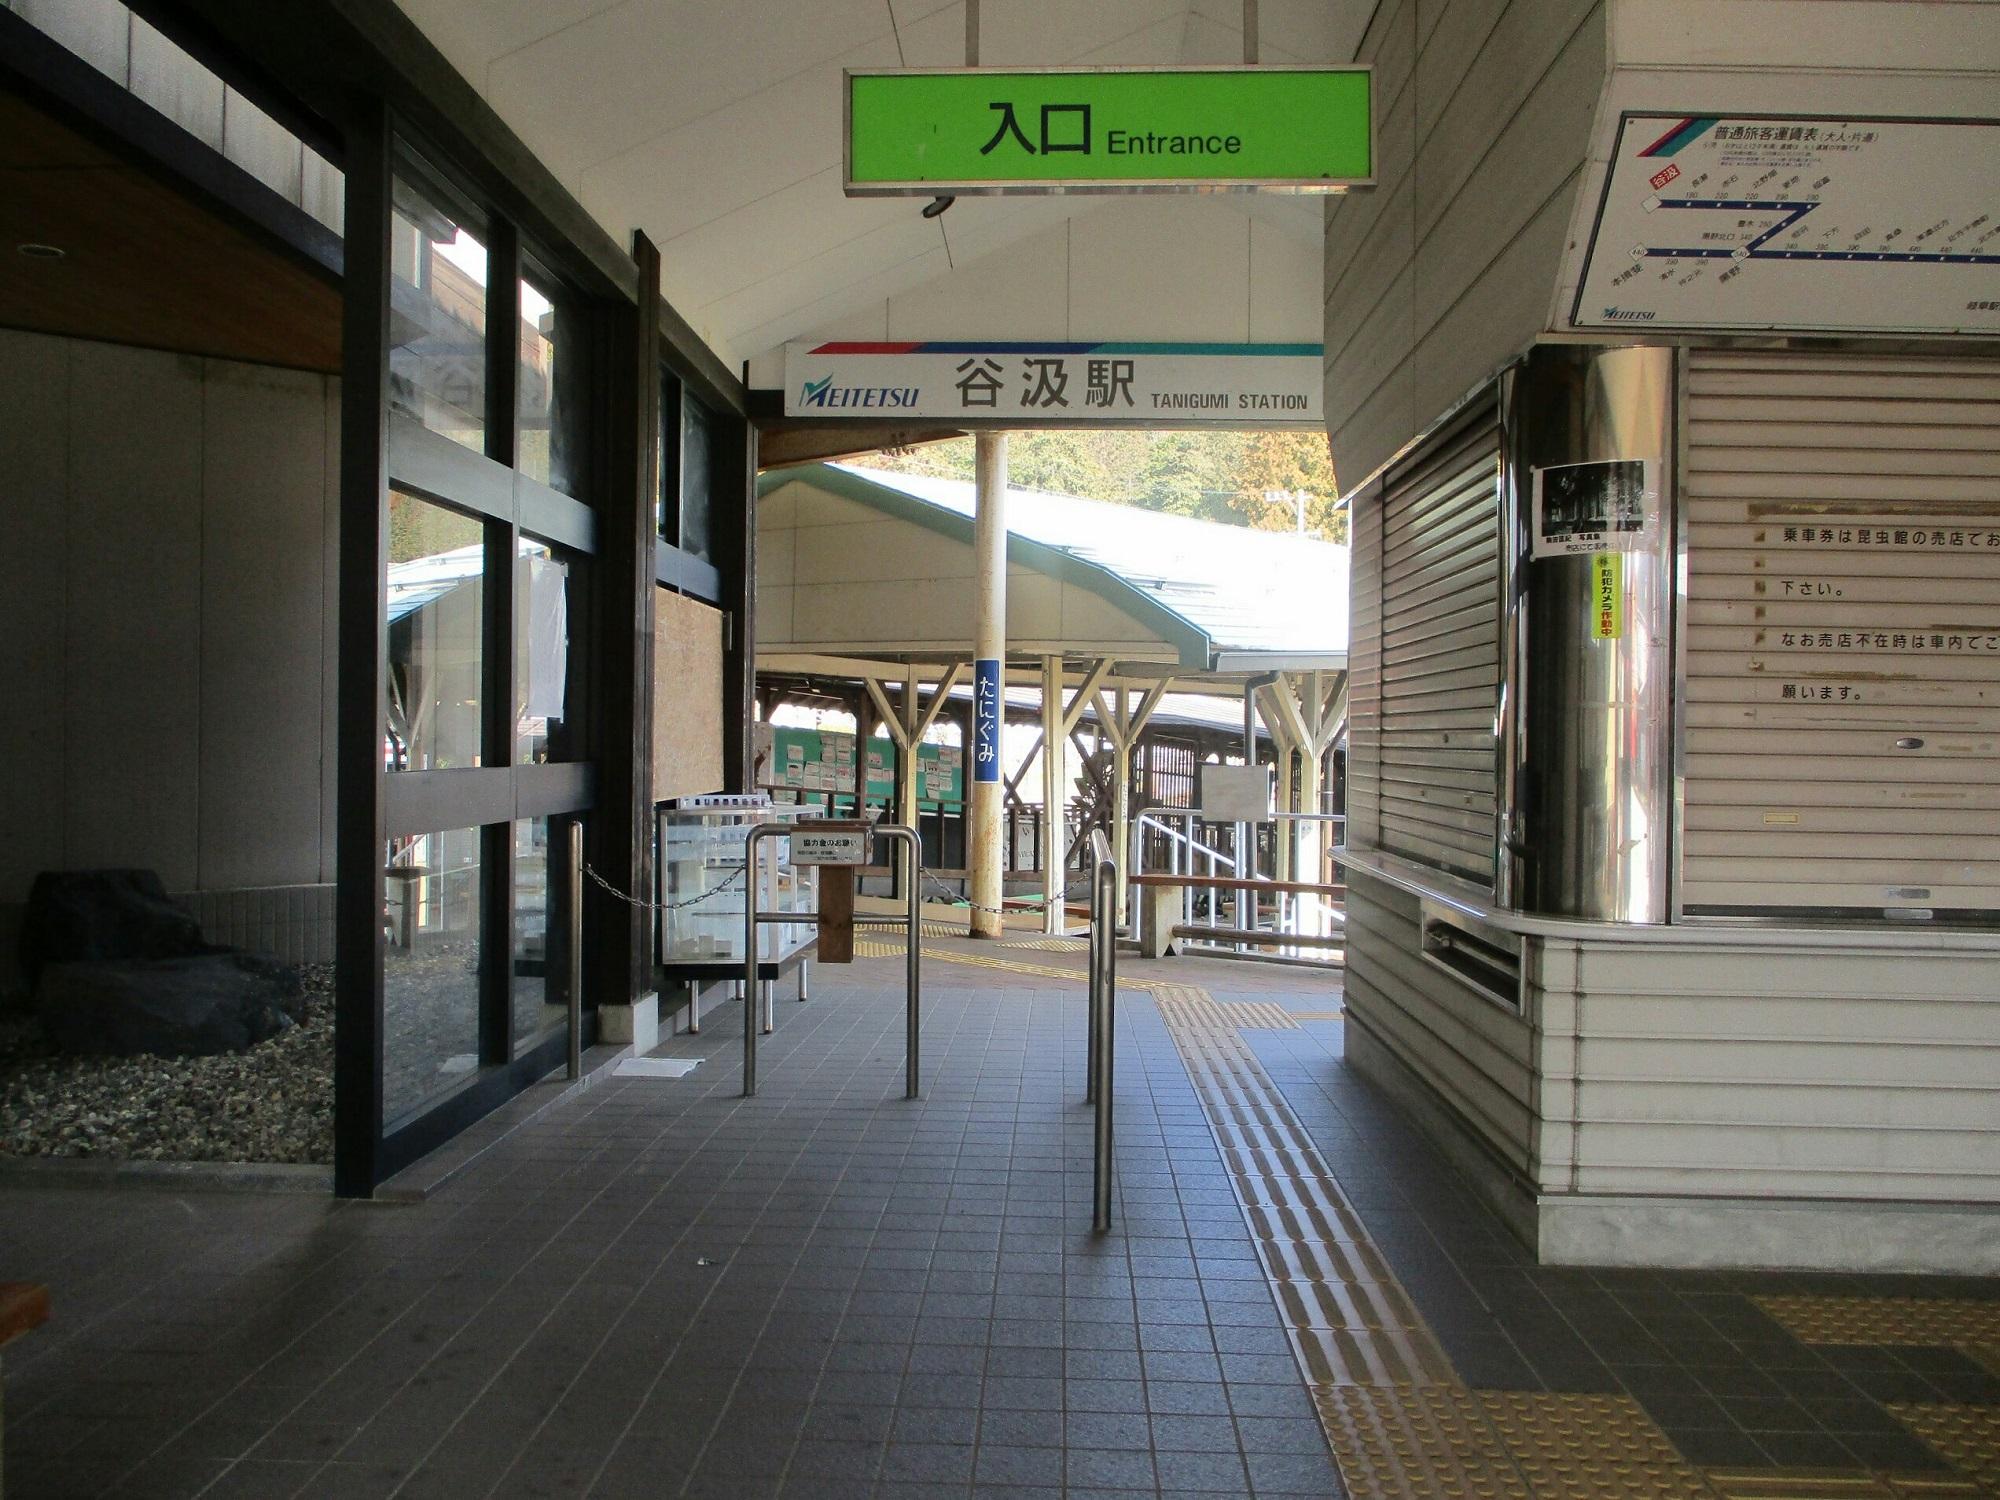 2019.3.1 (147) 旧名鉄谷汲駅 - かいさつ 2000-1500